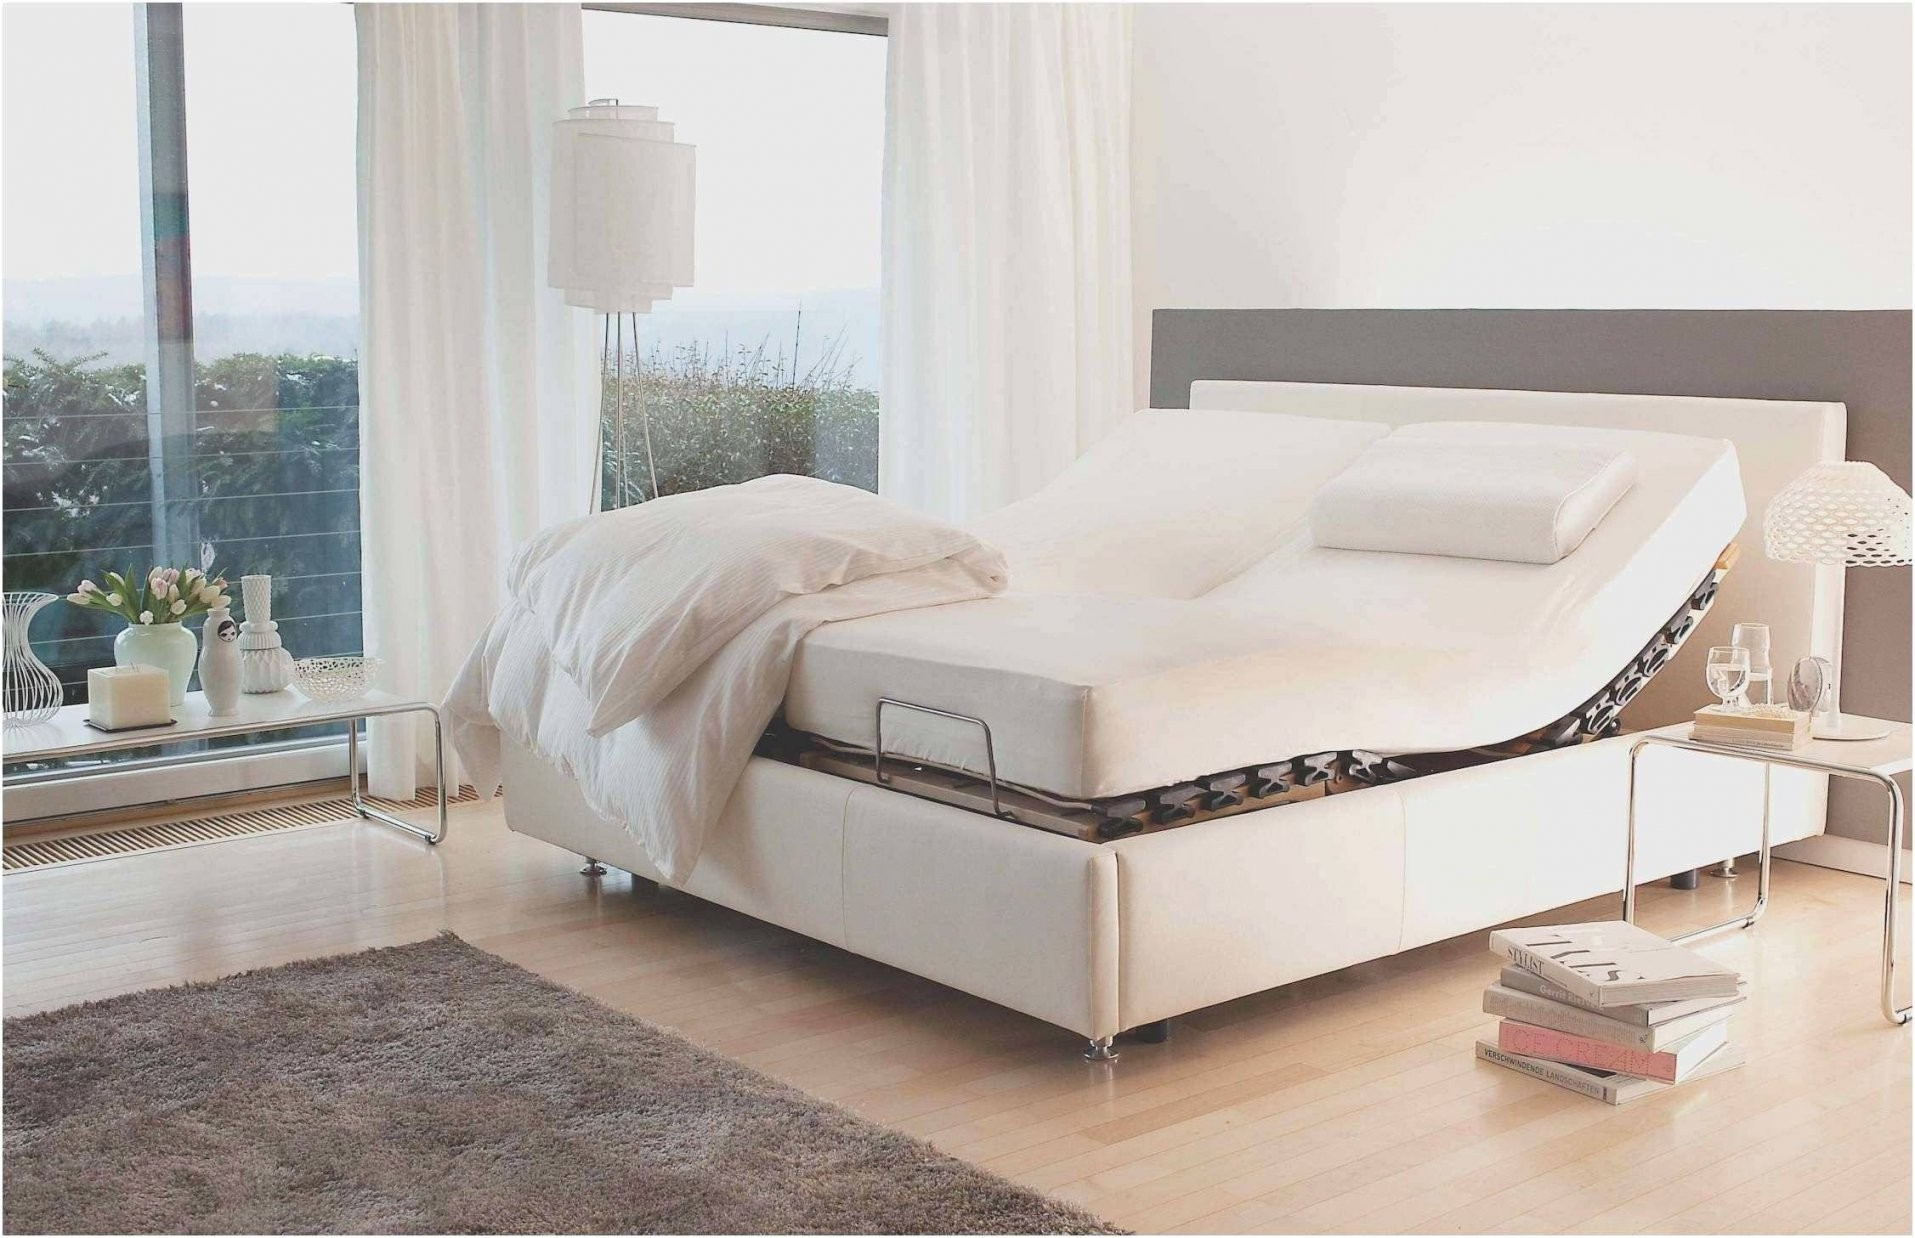 Angenehm 40 Realisierungen Von Bett Mit Matratze Und Lattenrost von Günstige Betten Mit Matratze Und Lattenrost 140X200 Photo